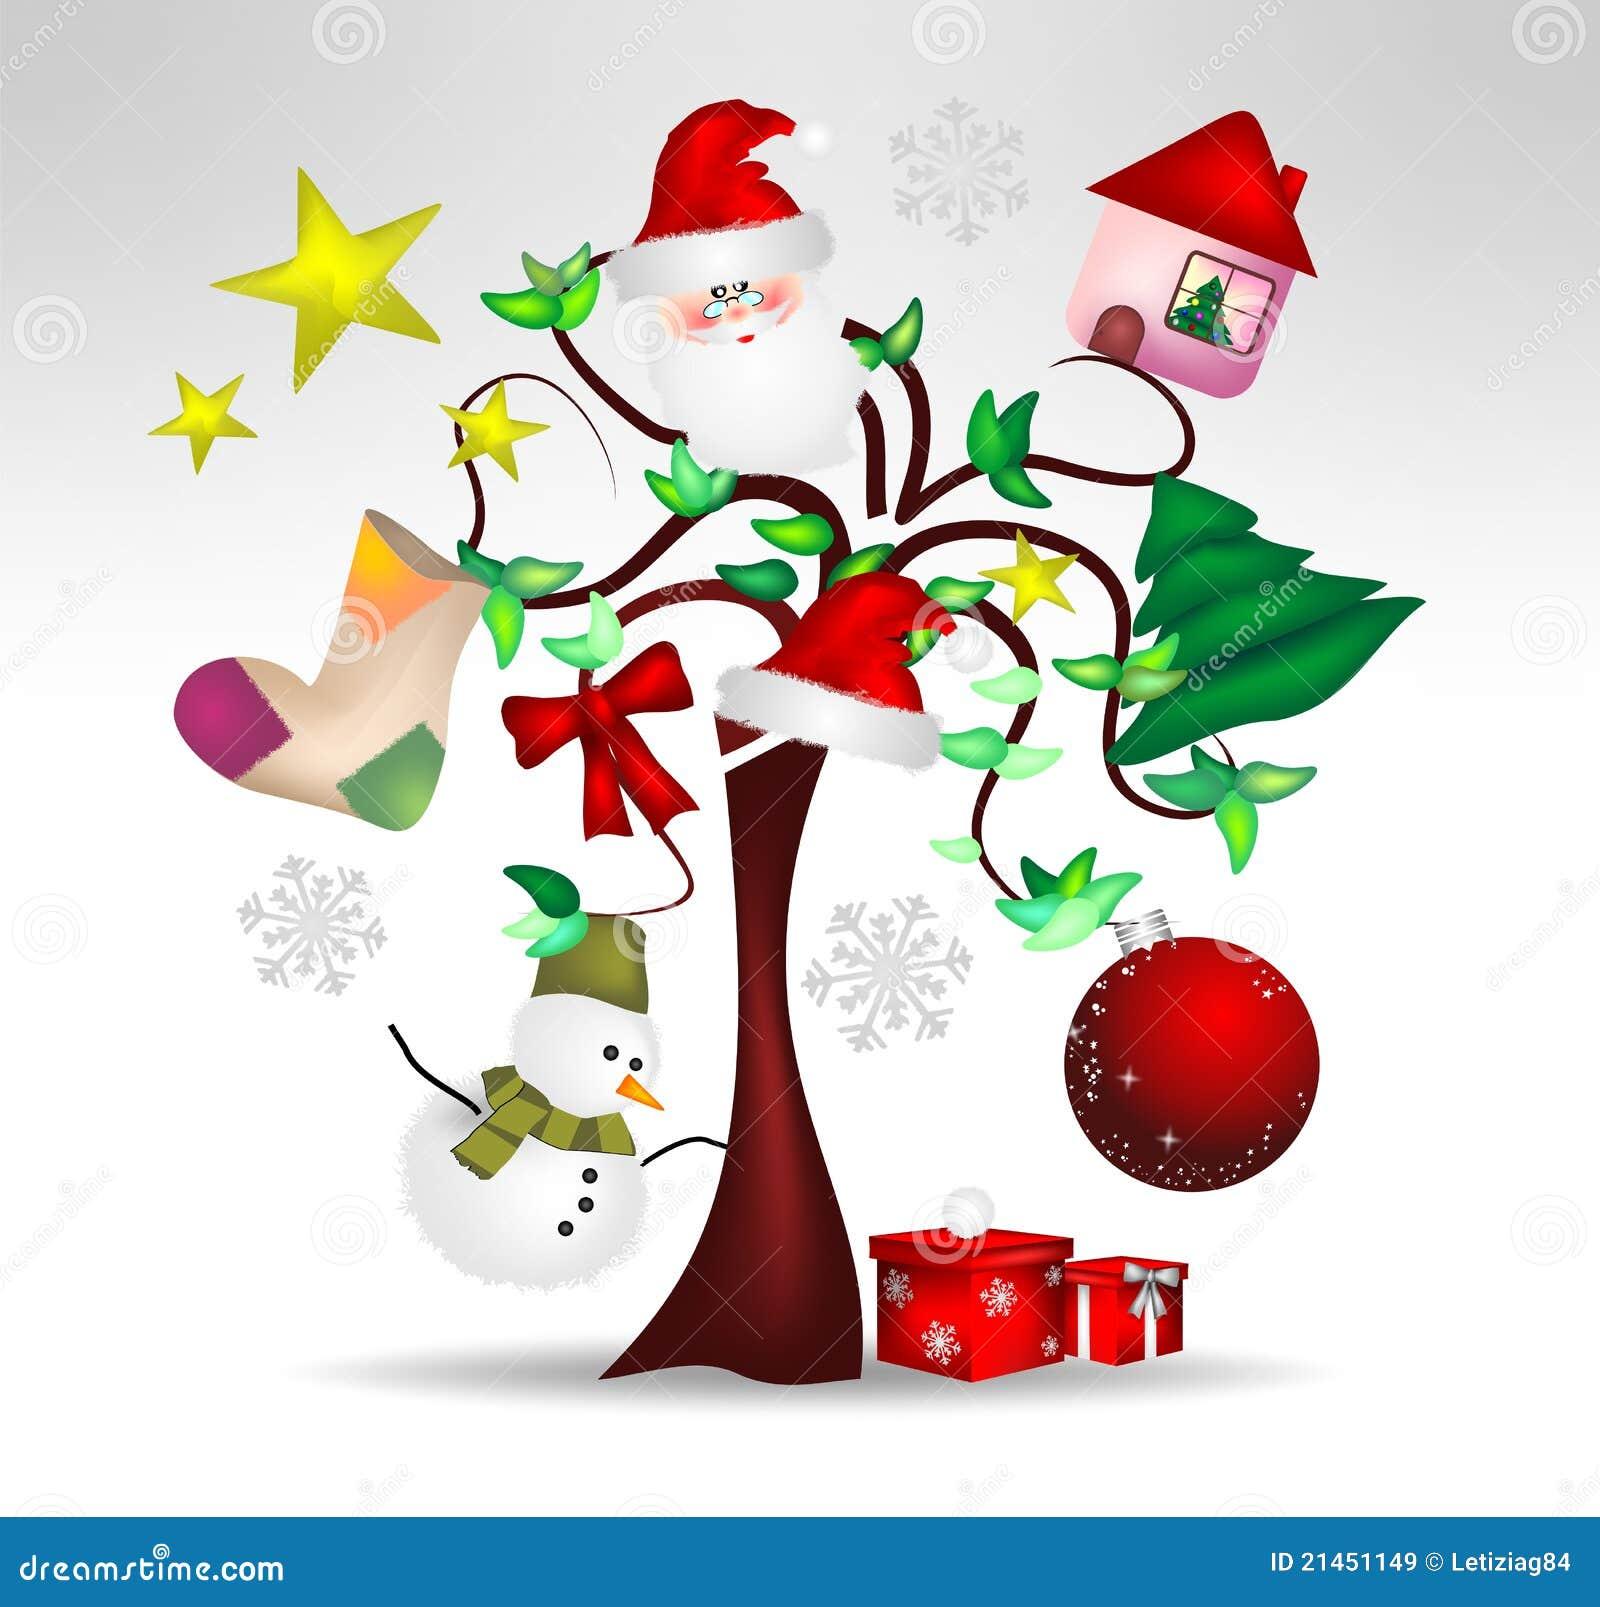 cheap free libre de derechos with postales navidad originales postal navidad original with postal navidad original - Postales Originales De Navidad